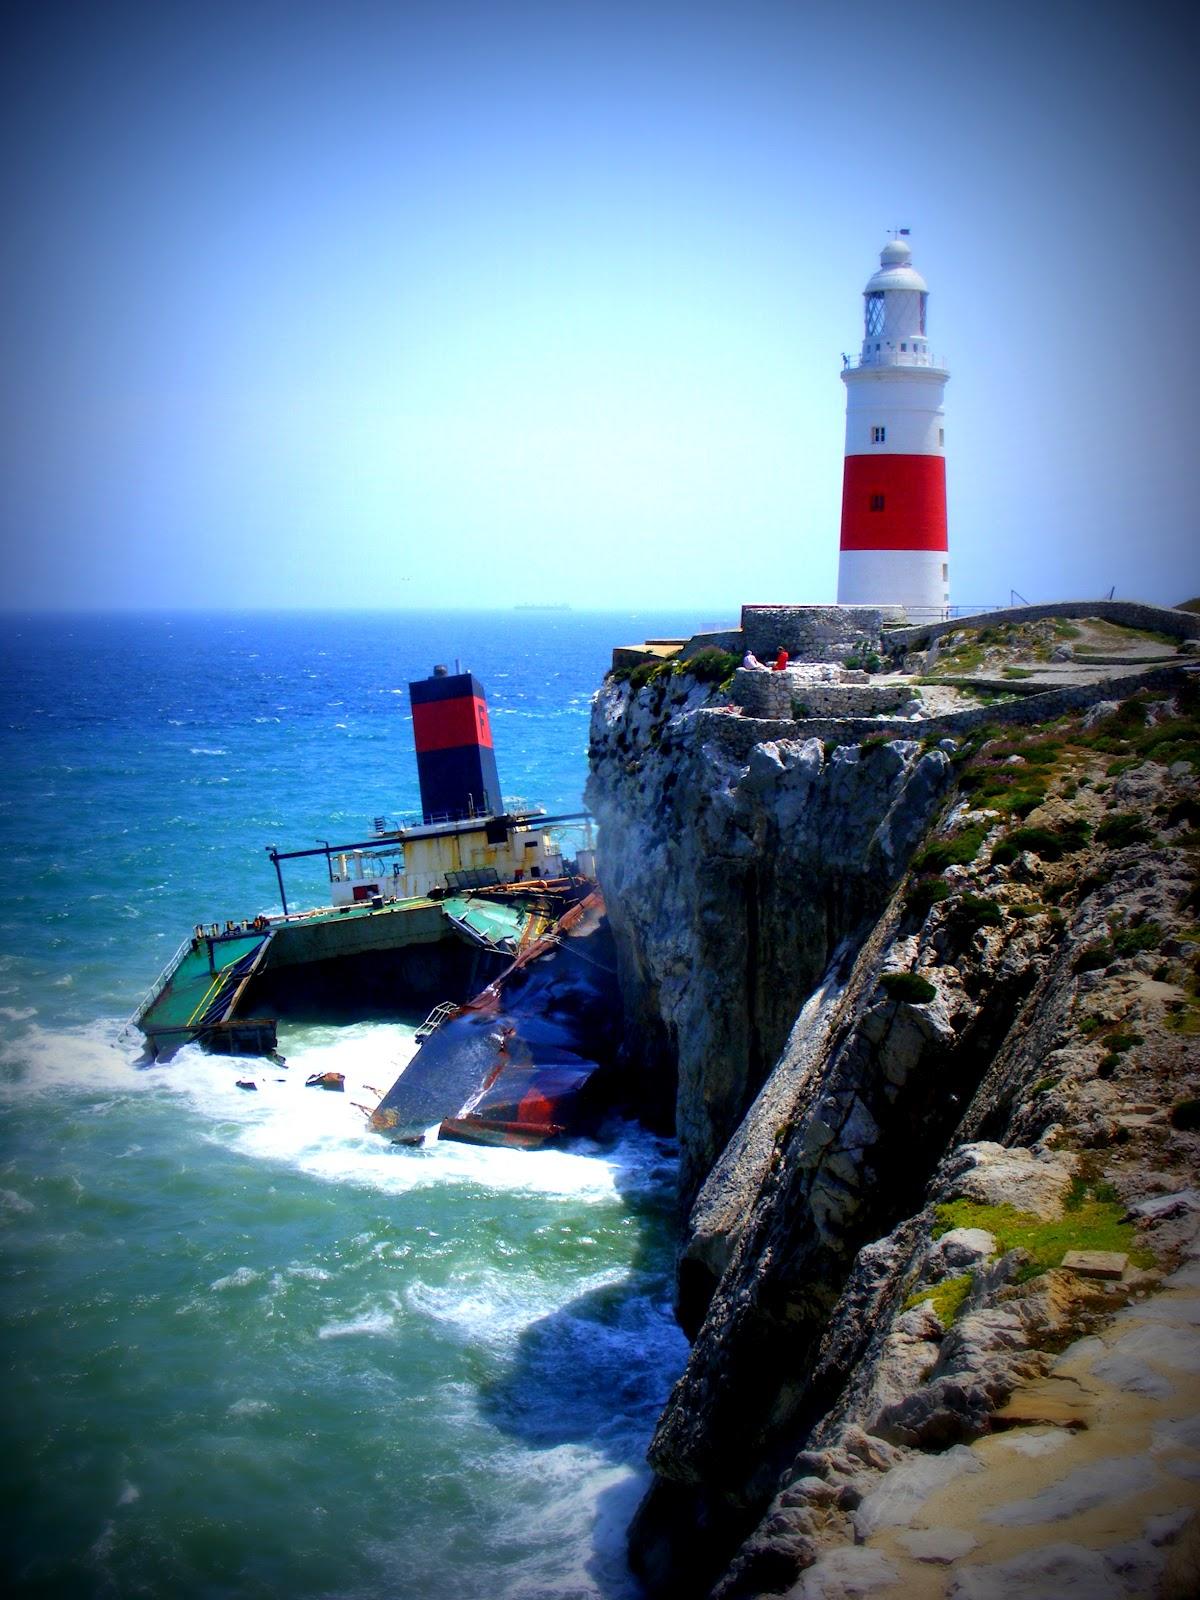 Sea Slug and the Turtle: Gibraltar Lighthouse and Shipwreck